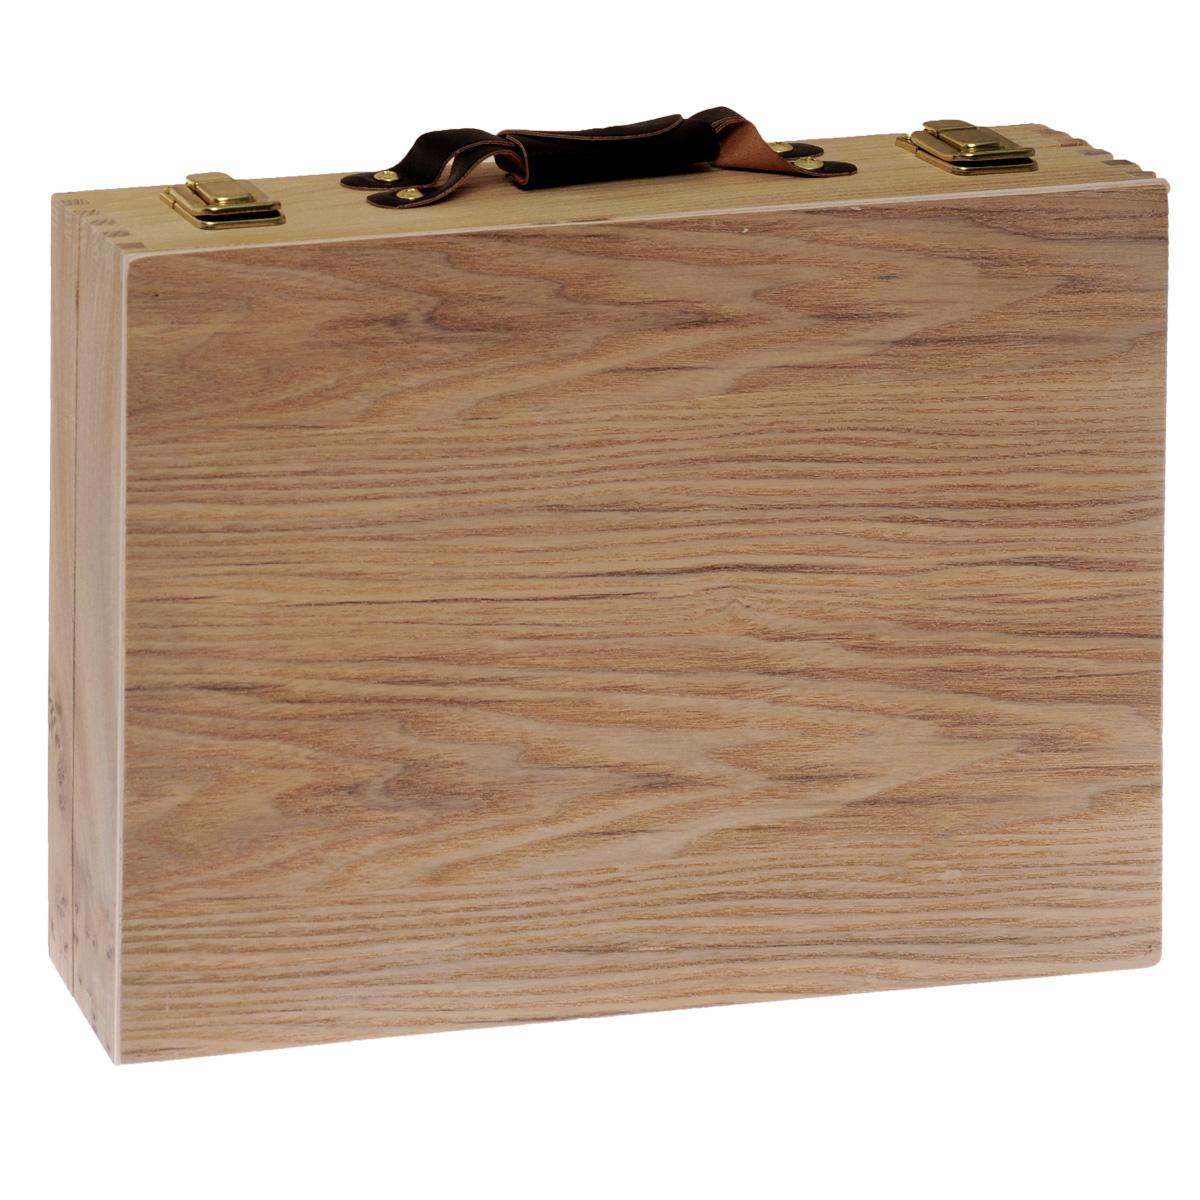 ЭтюдникETUDNIKПостоянный спутник художника - этюдник, поможет вам победить творческий беспорядок и всегда иметь под рукой все необходимые инструменты. Модель оптимального размера имеет несколько необходимых отделений. В то же время, вес этюдника - всего 750 г, что делает его подходящим не только для работы в студии, но и регулярных выездов на пленер. Выполнен из дерева, ручка высотой 2 см выполнена из кожи, имеет хлястик на кнопке. Размеры этюдника - 23,5 х 32 х 7 см. Количество отделений - 3, шириной по 7,5 см. Застежки металлические. Категория 16+.